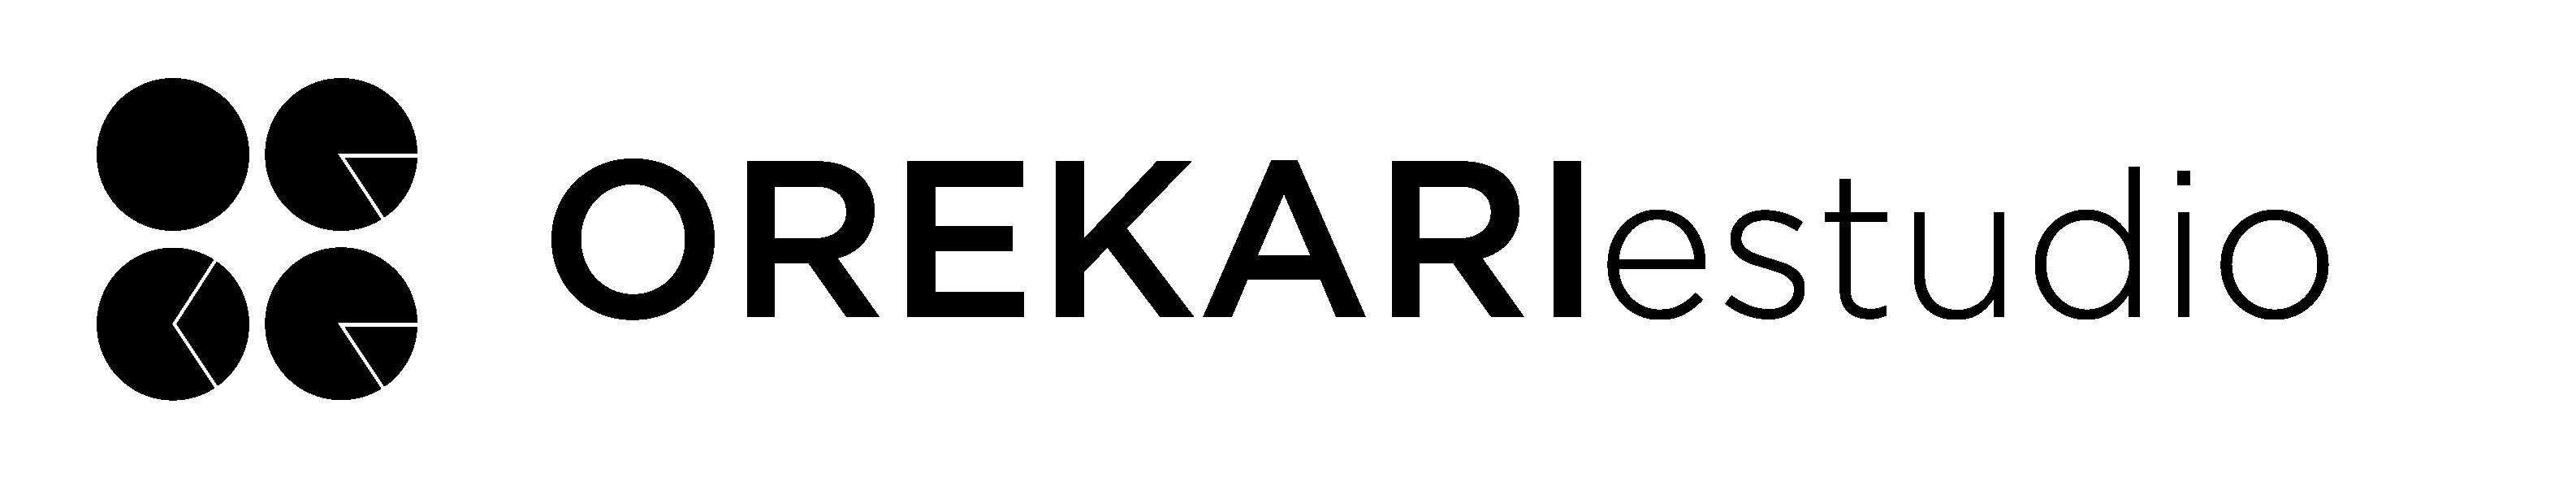 Orekari